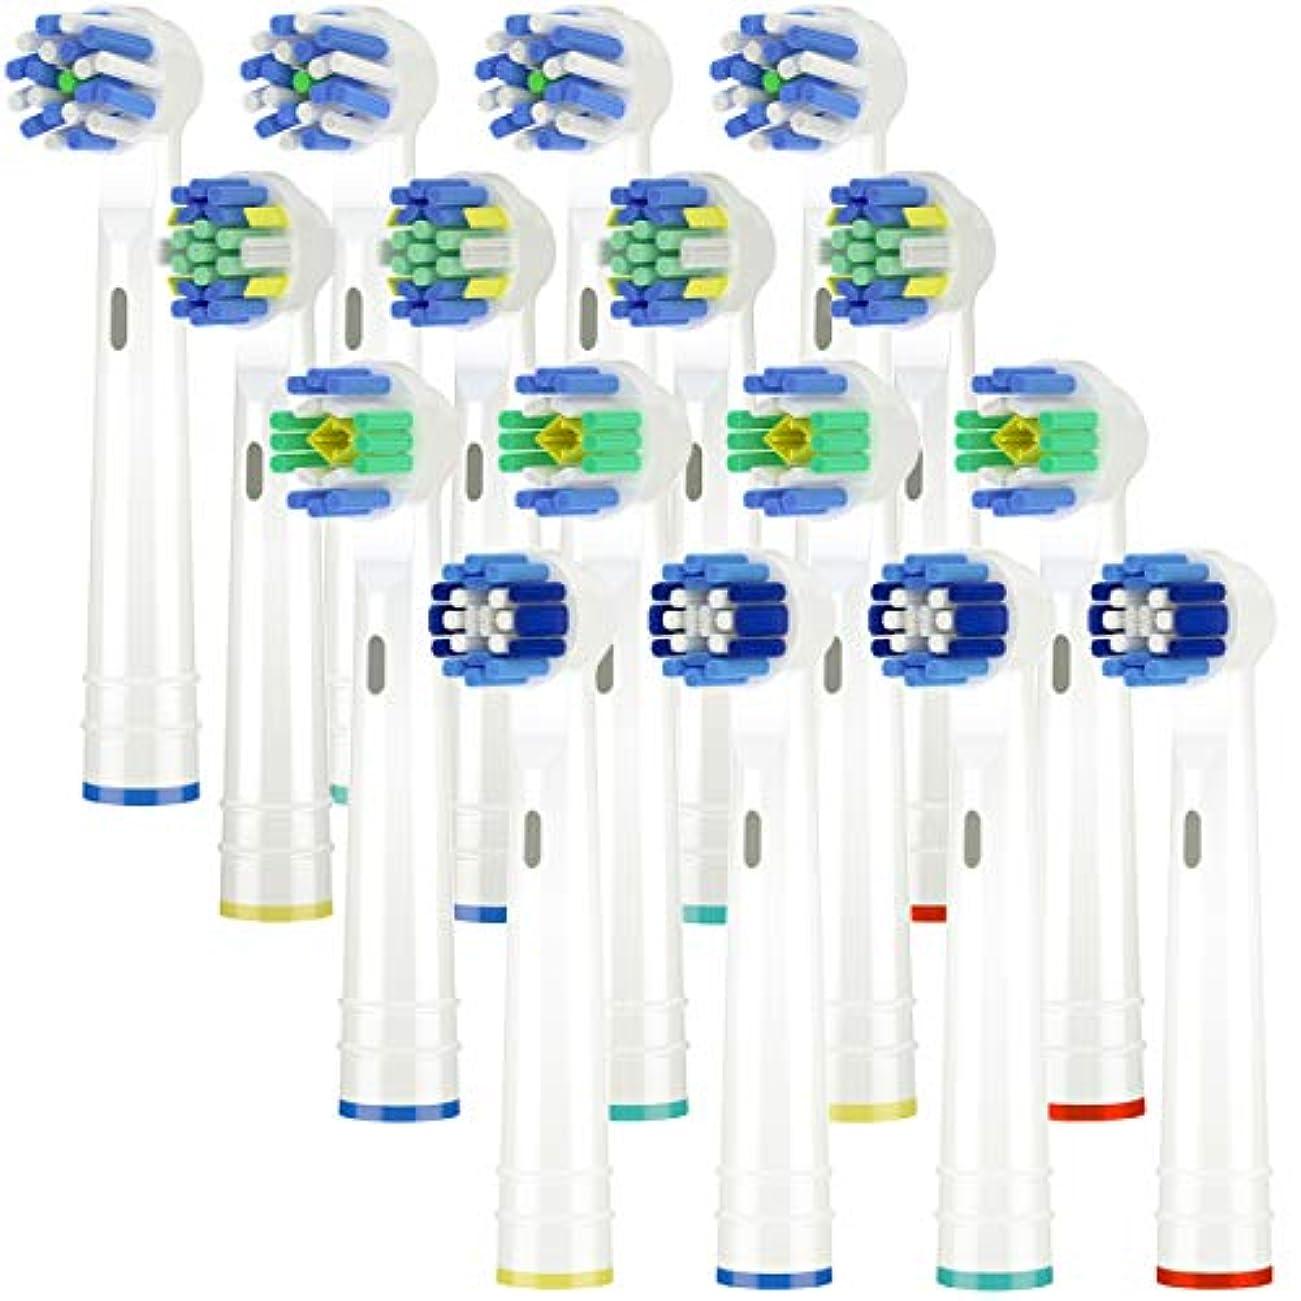 誕生日天井不当Itechnik 電動歯ブラシ 替えブラシ ブラウン オーラルB 対応 替えブラシ 4種類が入り:ホワイトニングブラシ 、ベーシックブラシ、歯間ワイパー付きブラシ、マルチアクションブラシ 凡用な16本